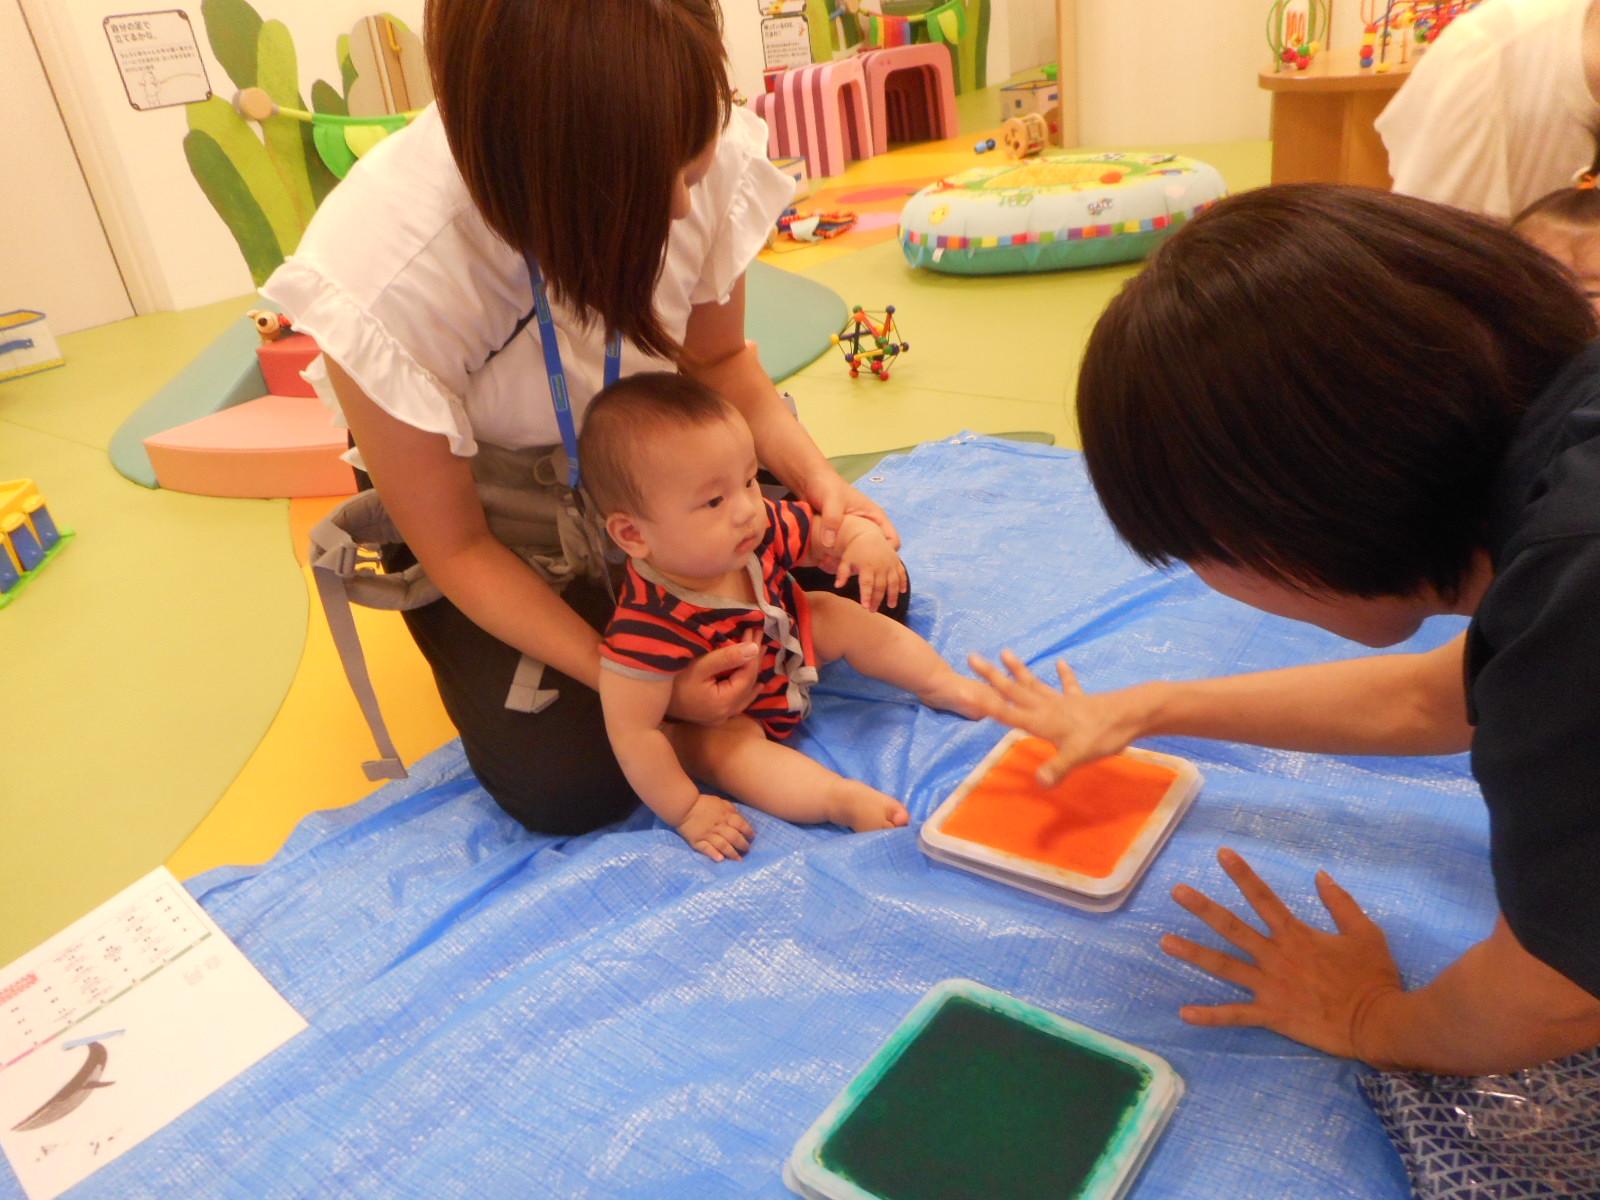 7月 赤ちゃんの日のイベントの様子 Part2